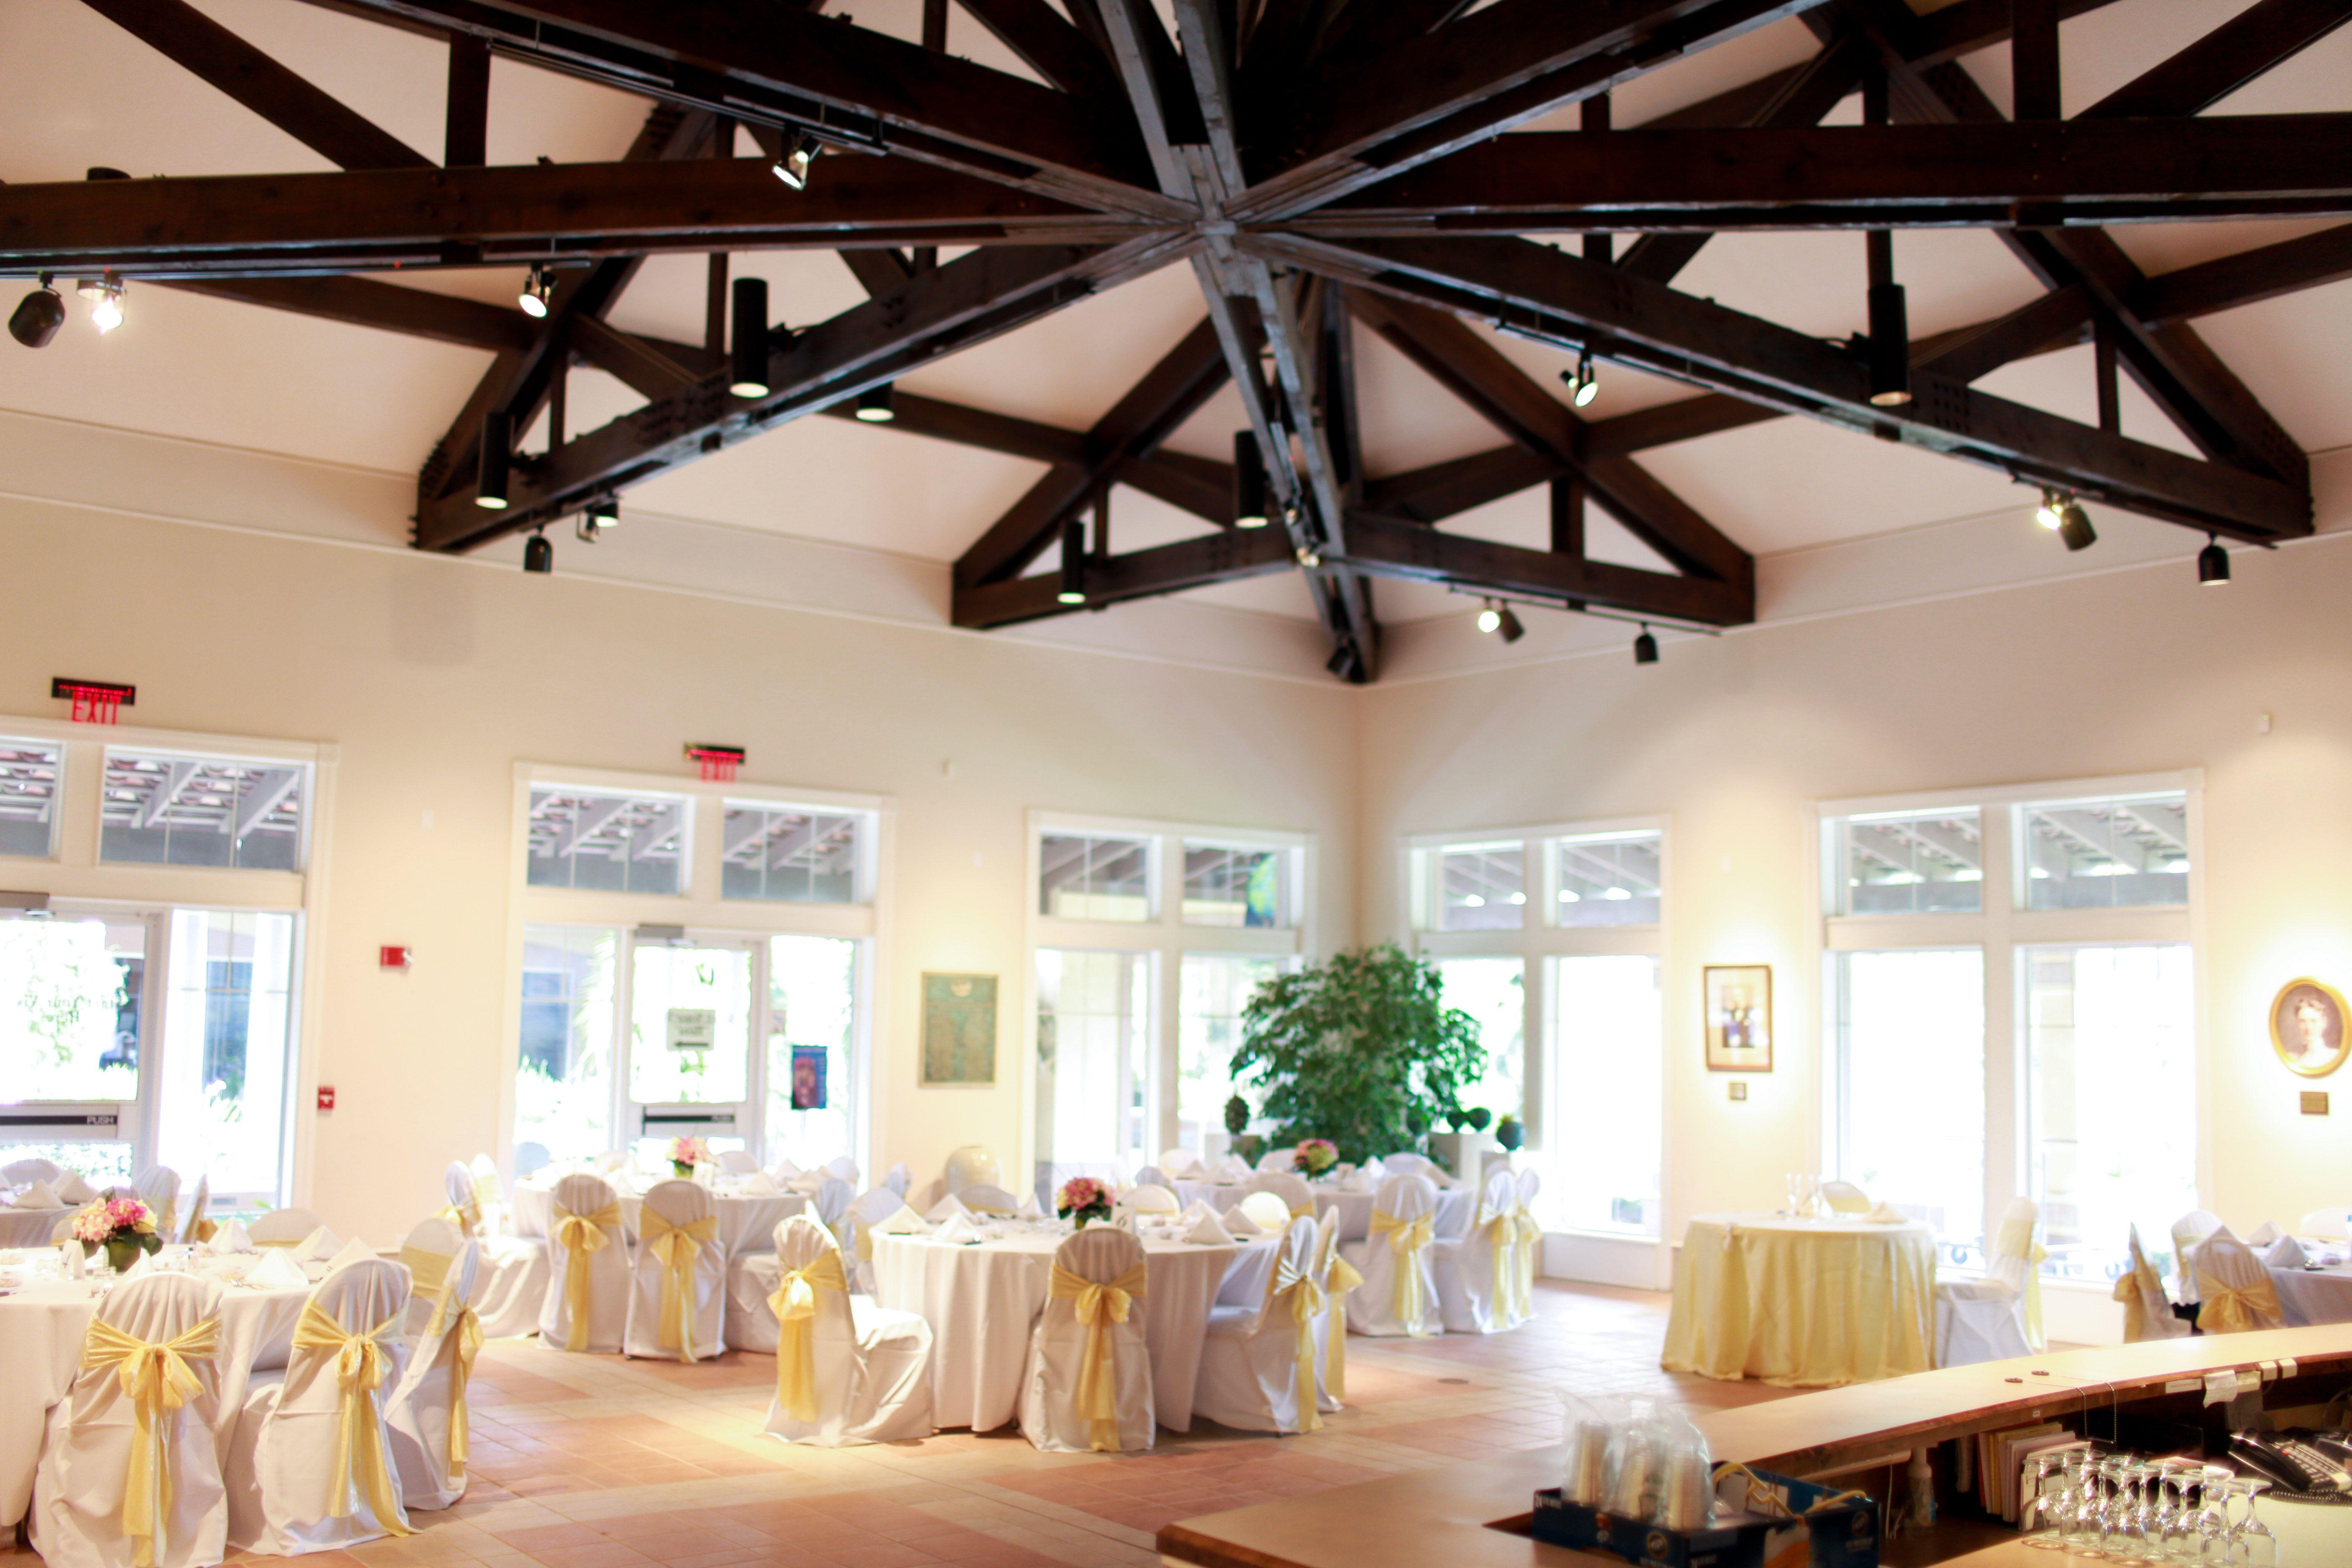 Bok tower gardens visitor center as a wedding reception